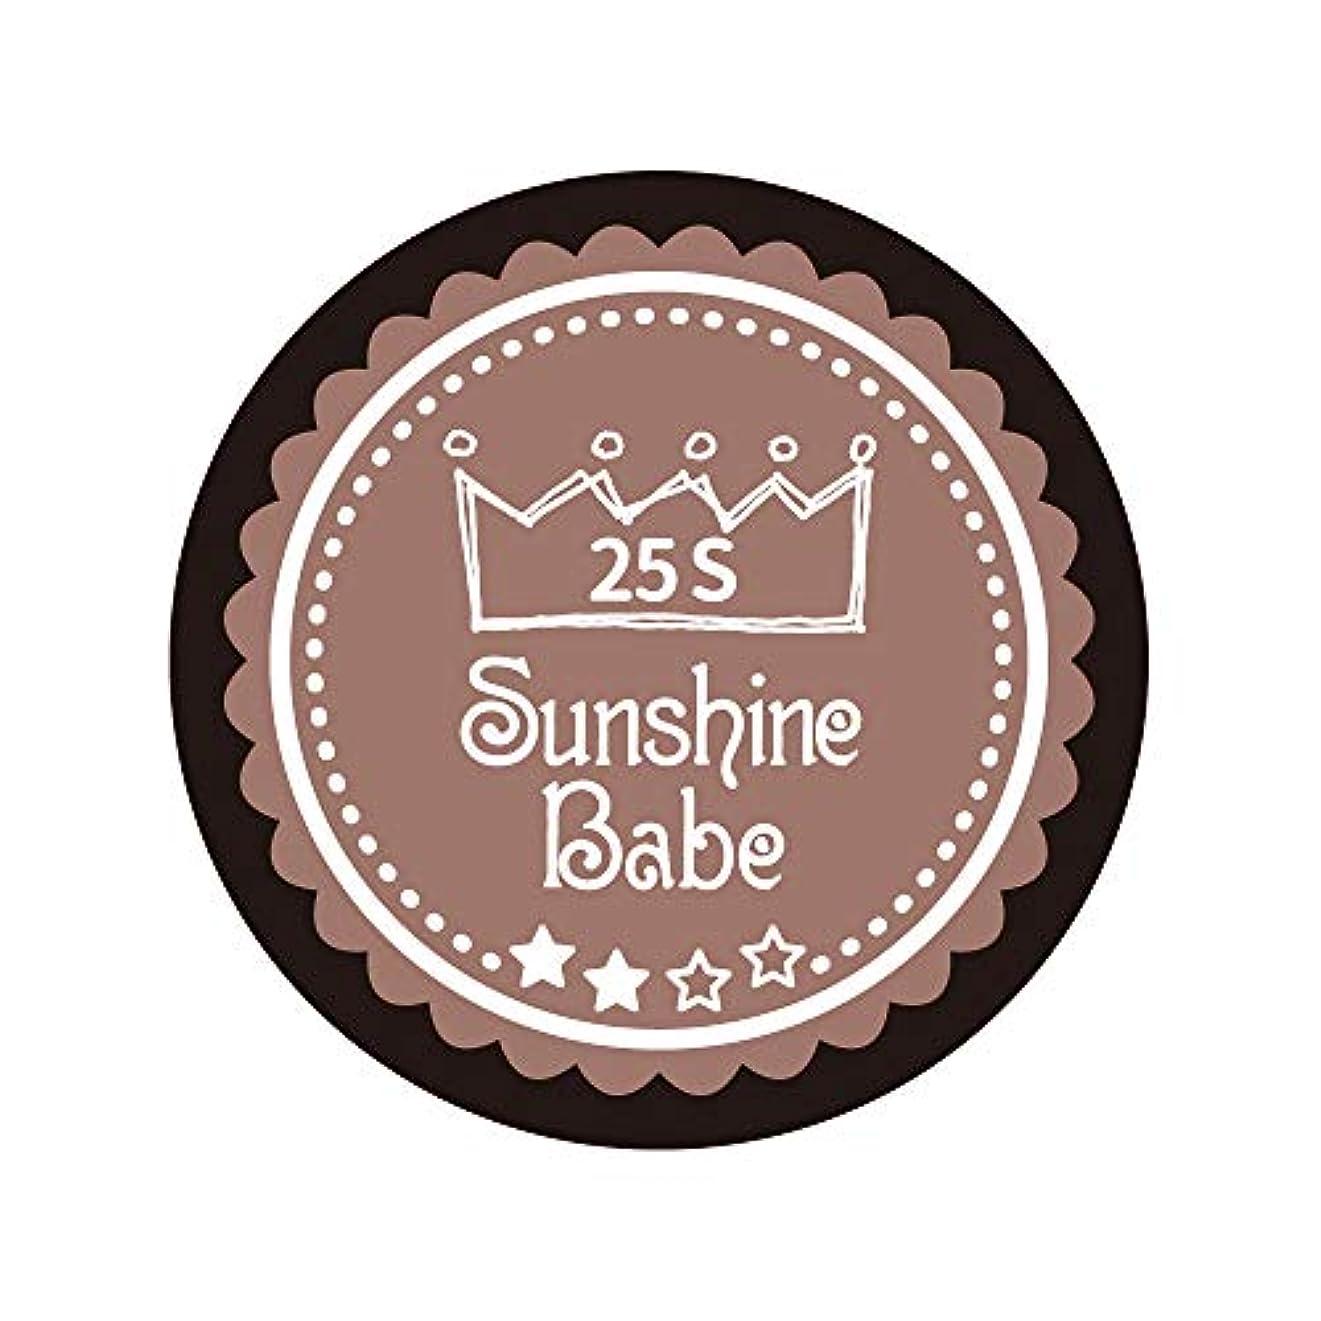 すみません専門用語媒染剤Sunshine Babe カラージェル 25S ミルキーココア 2.7g UV/LED対応